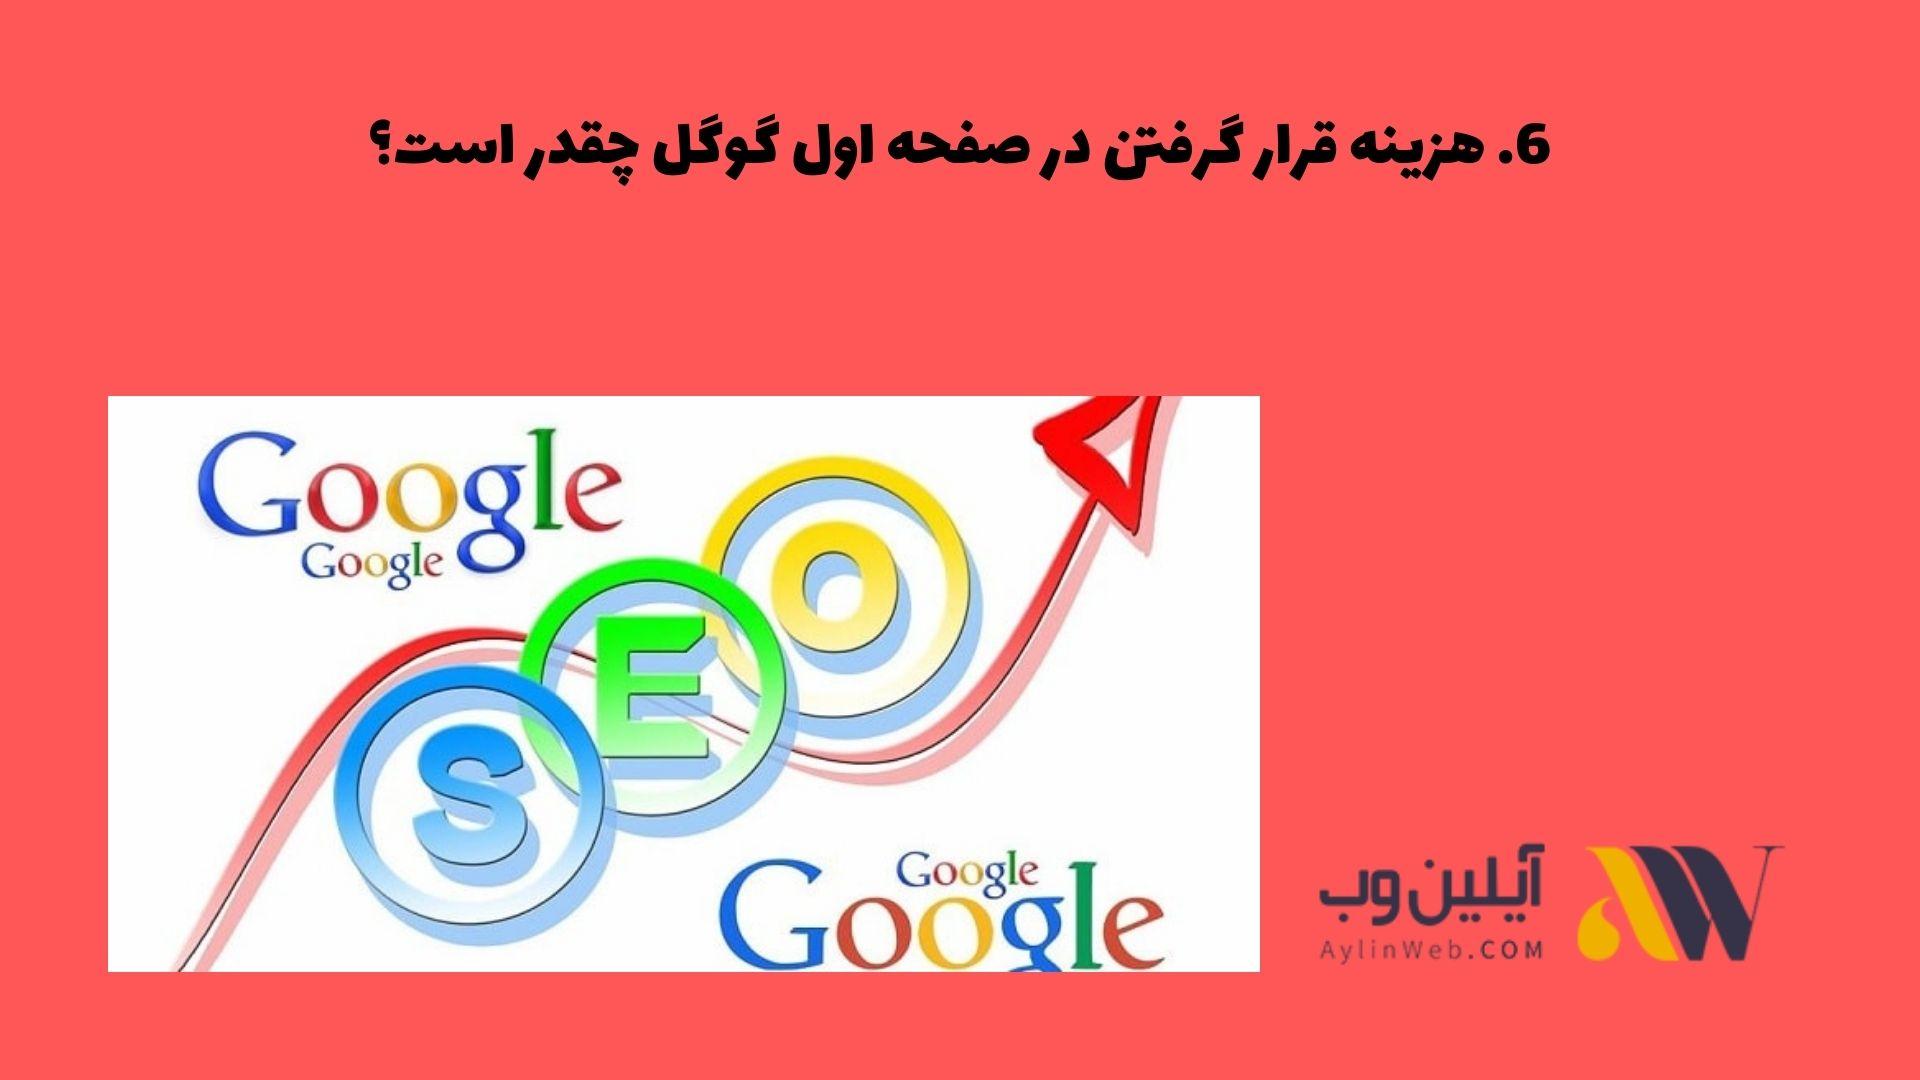 هزینه قرار گرفتن در صفحه اول گوگل چقدر است؟